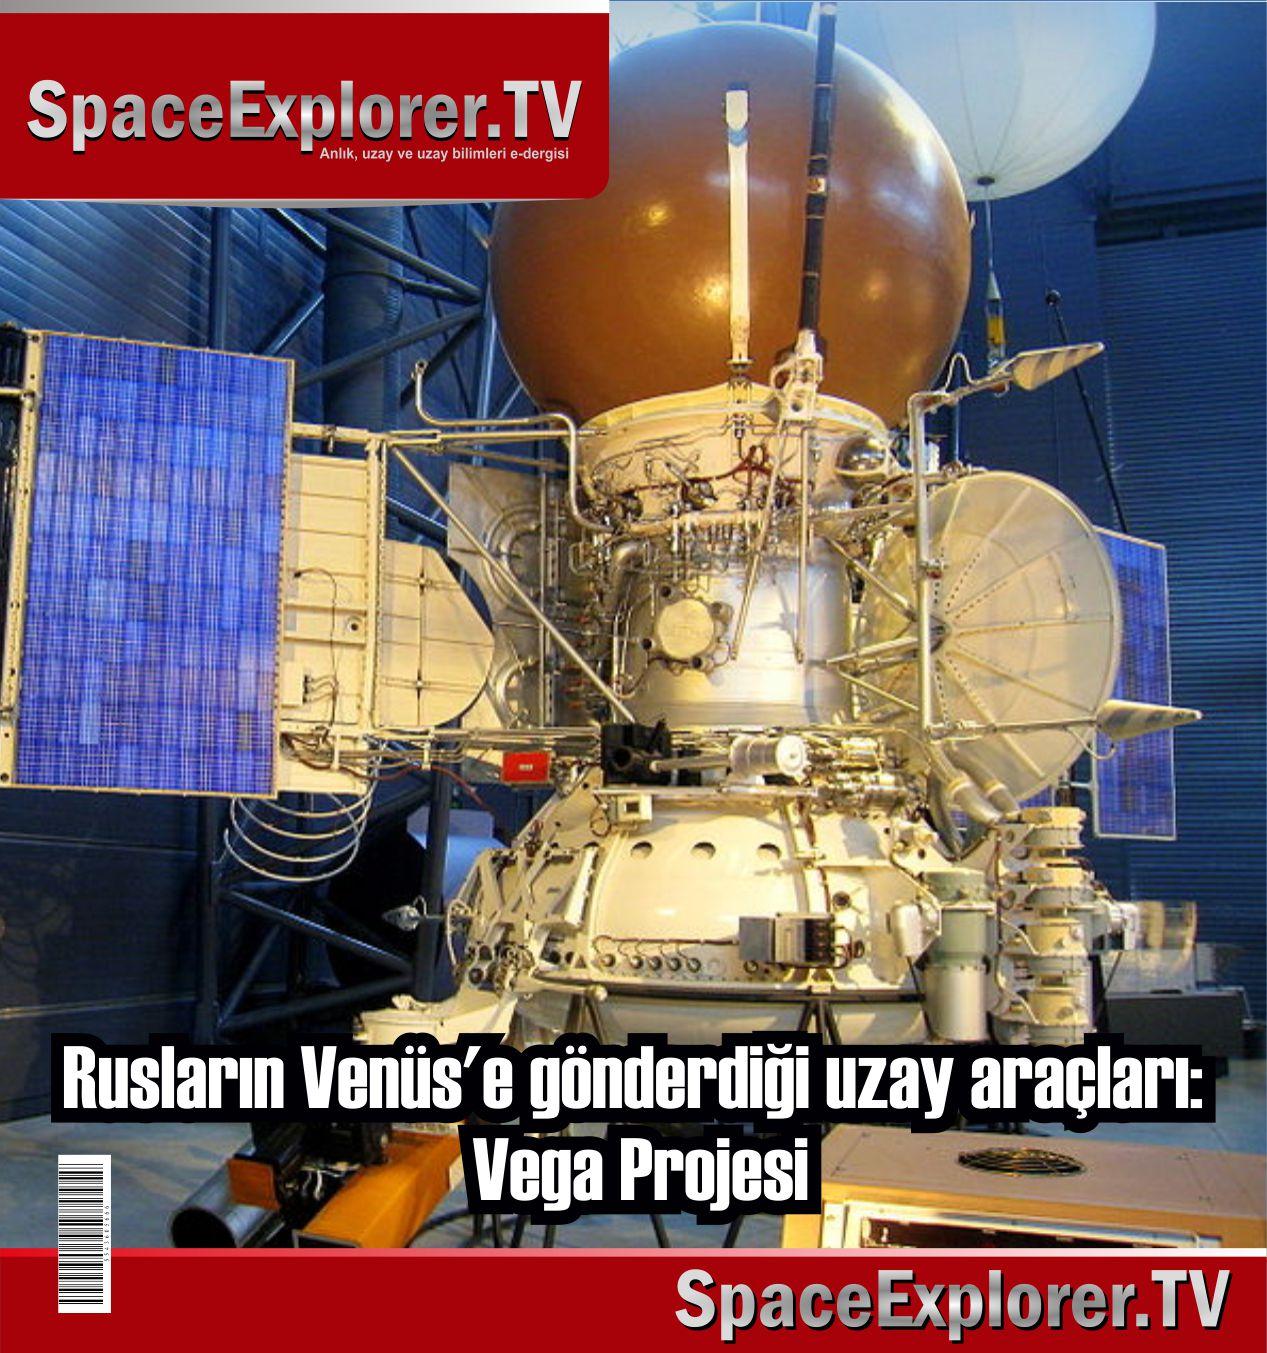 Rusya, SSCB, Venüs, Venüs'te hayat var mı, Vega projesi, Vega 1, Vega 2, Halley kuyruklu yıldızı, Proton füzeleri, Proton K, Mars, Ay, Ay'da üs, Space Explorer, Sovyet uzay araştırmaları,